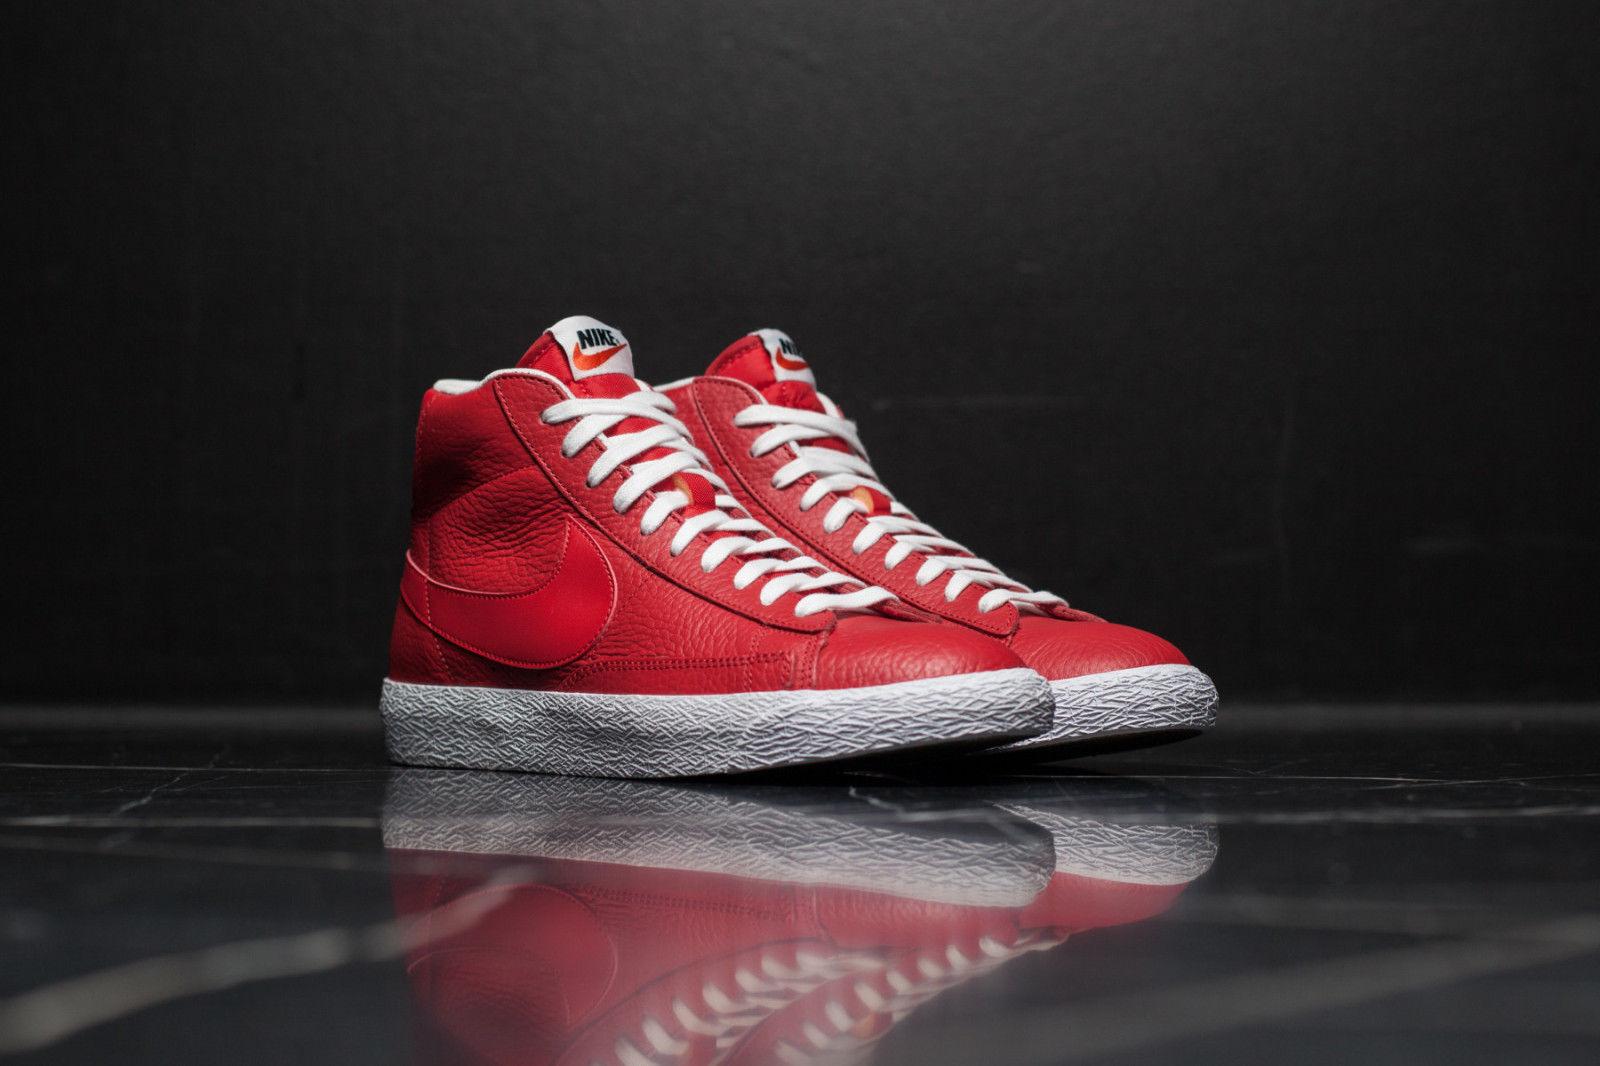 Nike hombres blazer mid Premium PMR hombres Nike rojo blanco negro 429988 604 talla 9,5 & 10,5 el modelo mas vendido de la marca 7ddeca